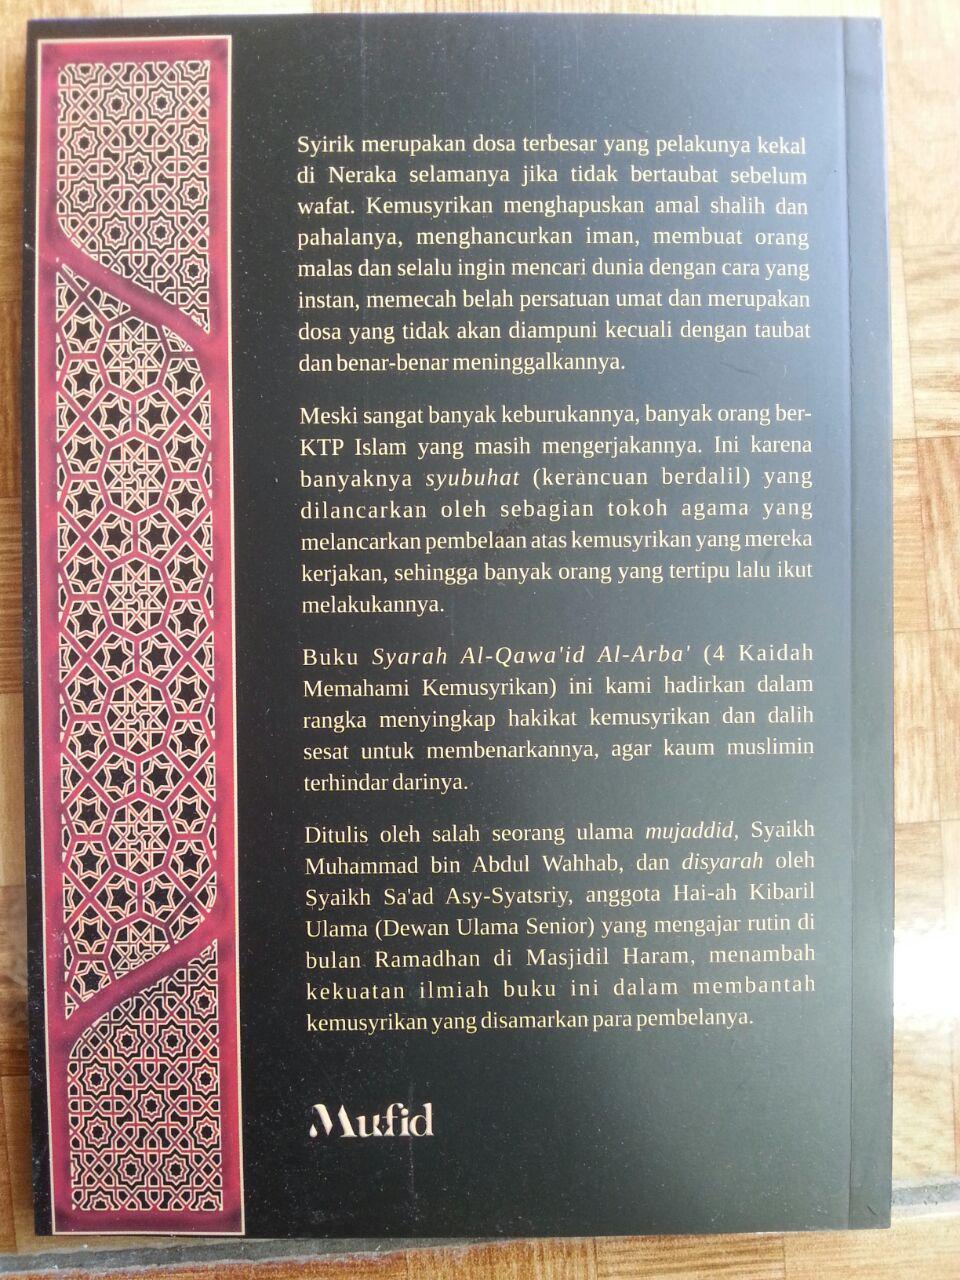 Buku Syarah al-Qawa'id al-Arba' 4 Kaidah Memahami Kemusyrikan cover